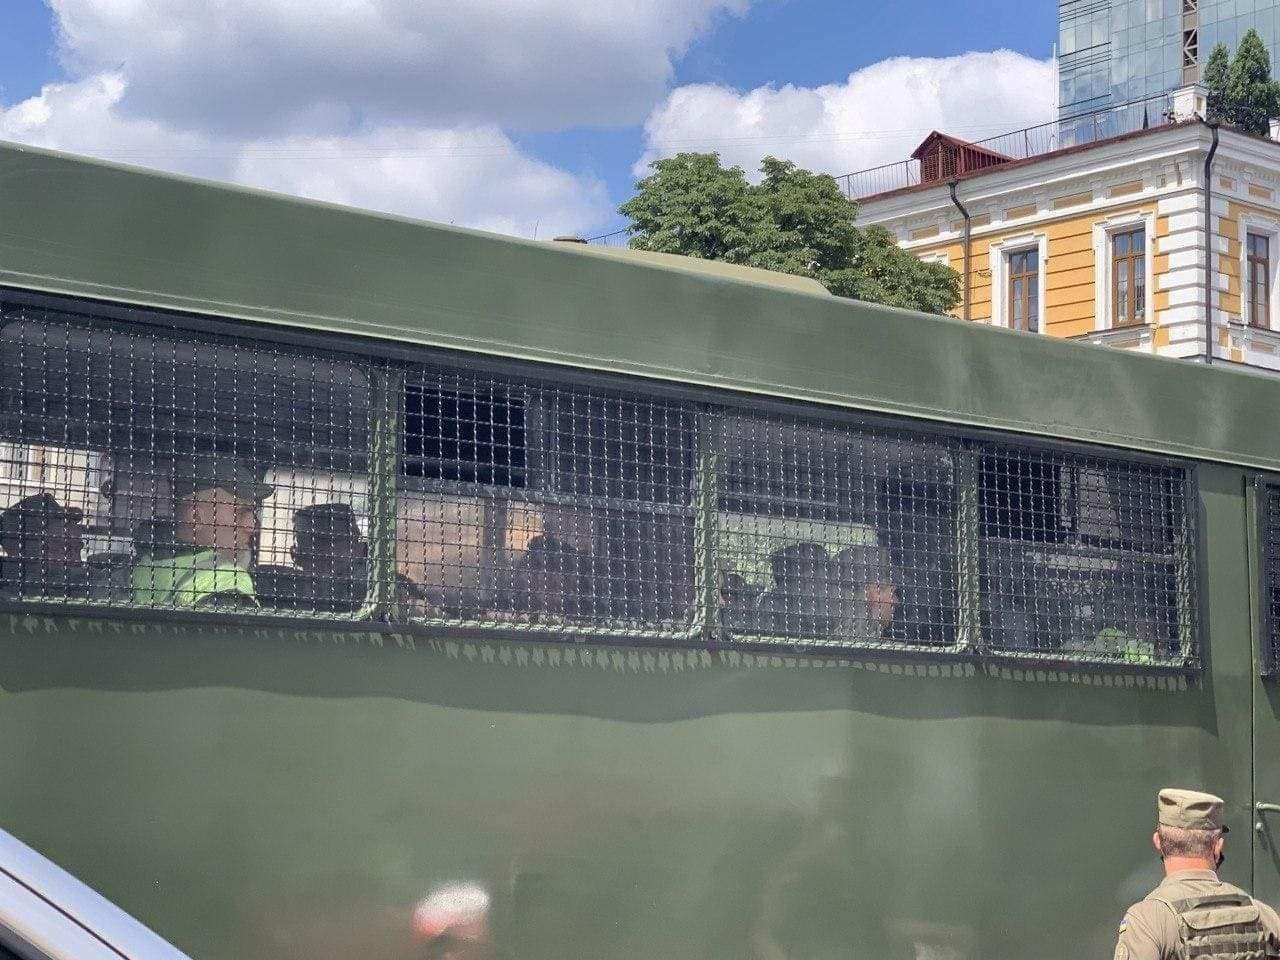 Київський терорист заявив, що вибухівка здетонує навіть в разі його смерті - Терорист, Київ, банк - IMG 20200803 142835 344